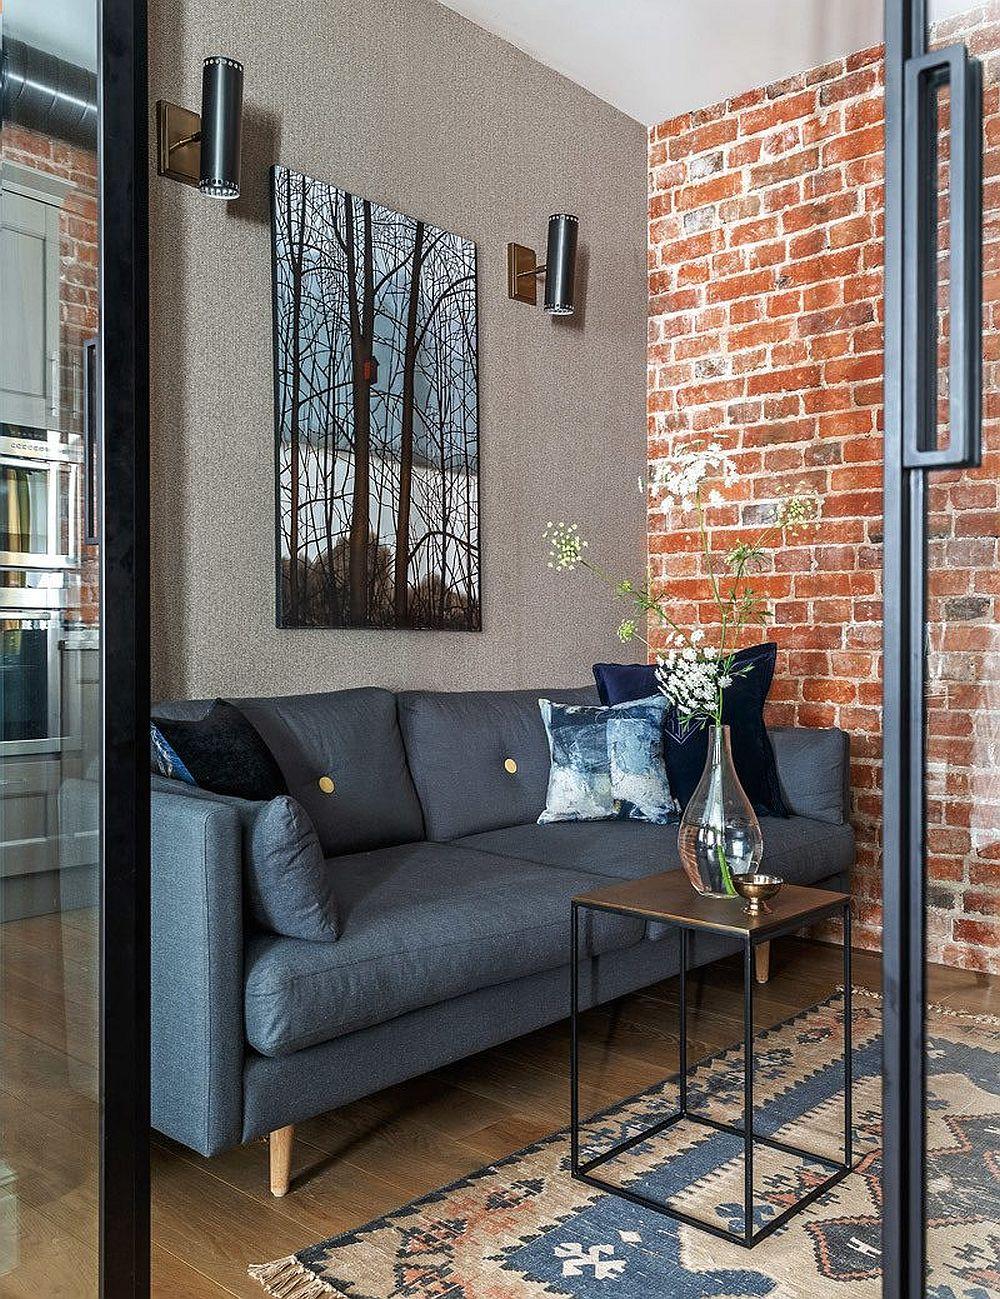 Zoa de birou are și un mic loc de conversație, marcat de o canapea. La nevoie, acest spațiu poate deveni o mică încăpere pentru oaspeții ocazionali.